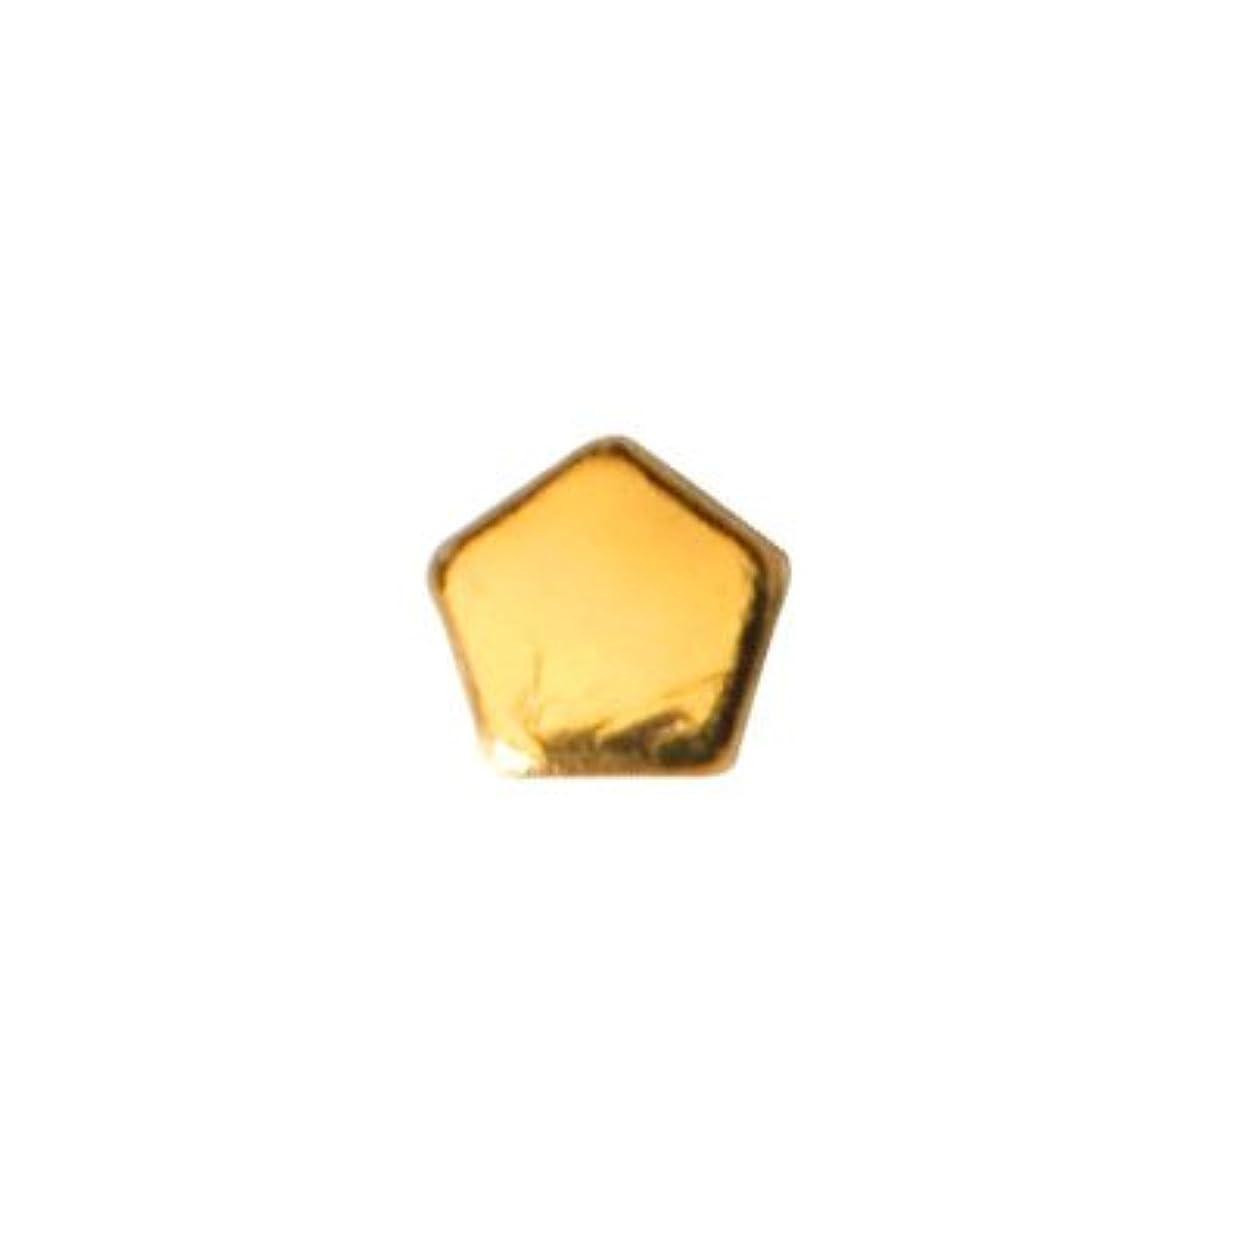 暖かさ独立して一方、ピアドラ スタッズ ペンタゴン 2mm 50P ゴールド